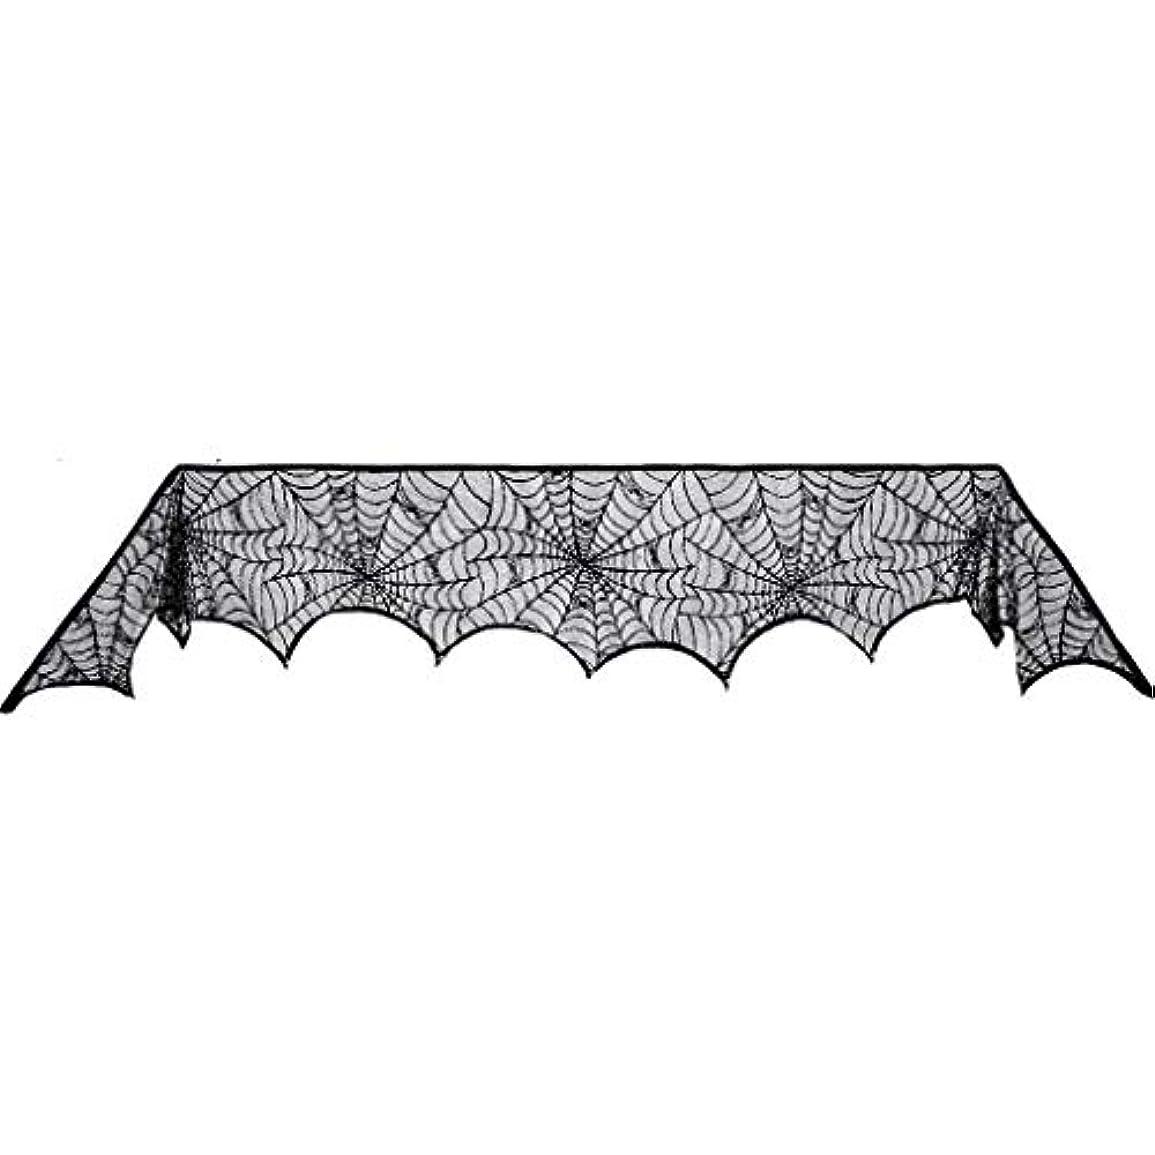 黙憎しみ強度ハロウィンの黒いレースのクモの巣の暖炉のマントルスカーフカバー、ハロウィンの小道具の装飾